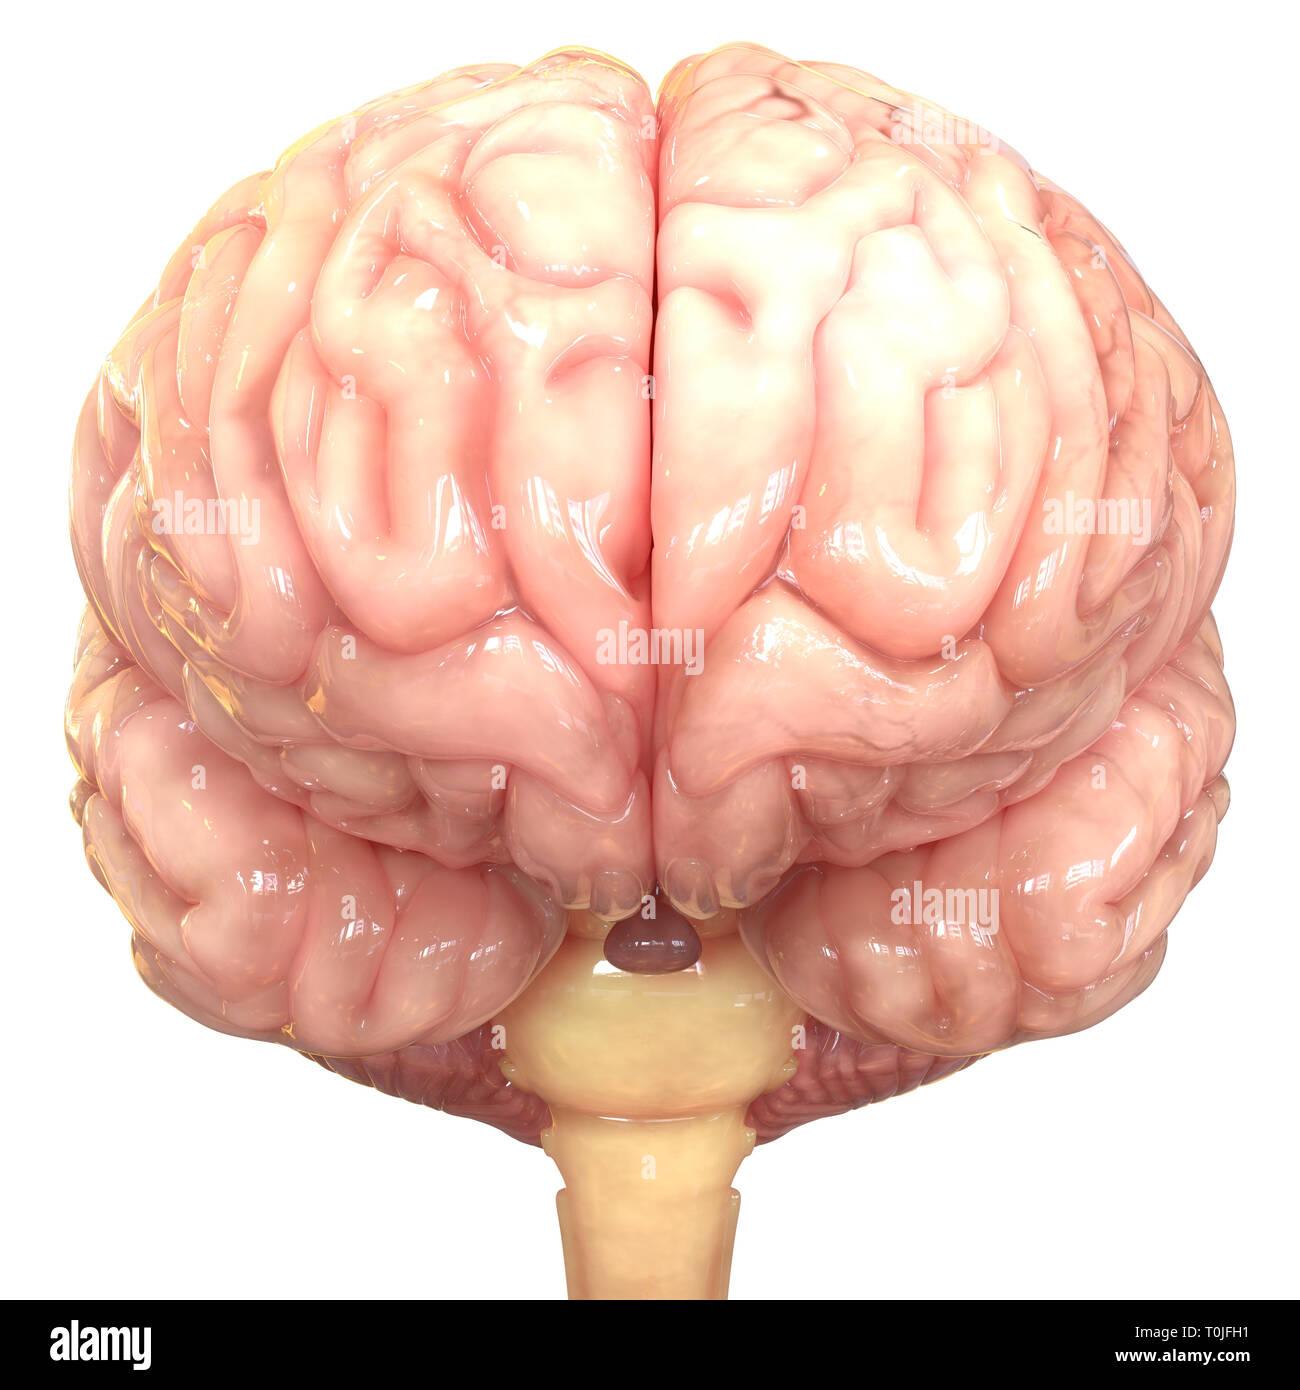 Anatomía del cerebro humano Imagen De Stock